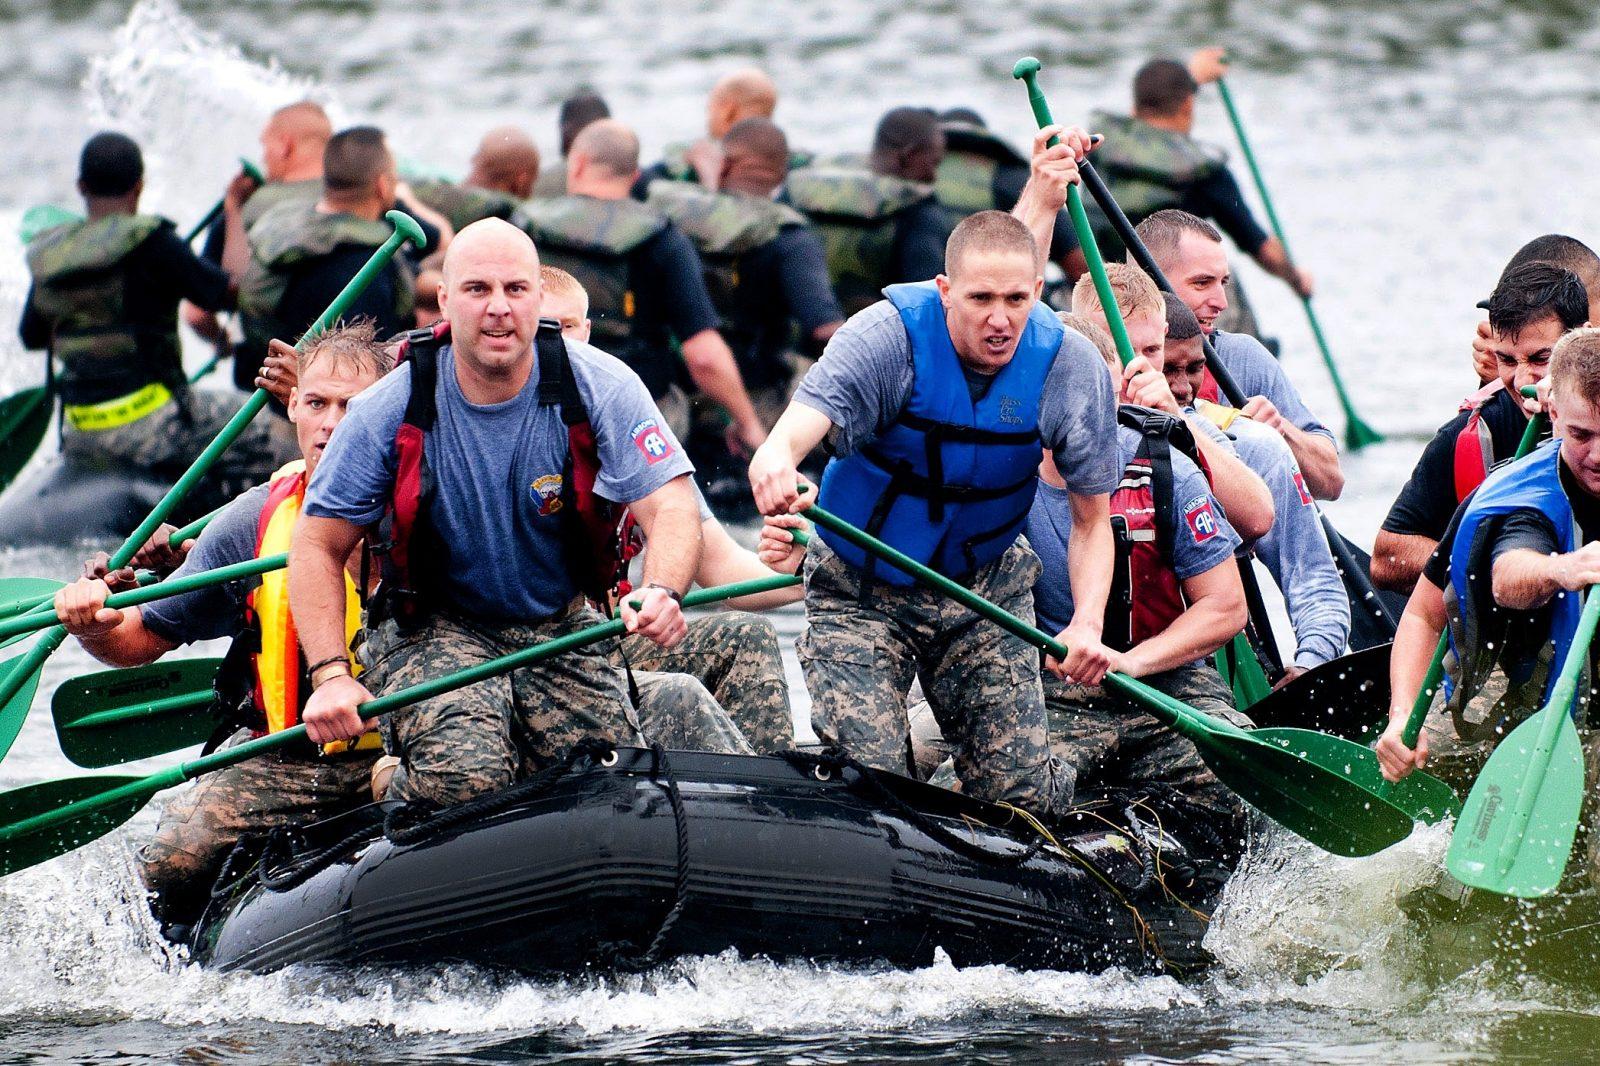 zelfsturende-teams-mannen-in-een-rubberboot-aan-het-peddelen